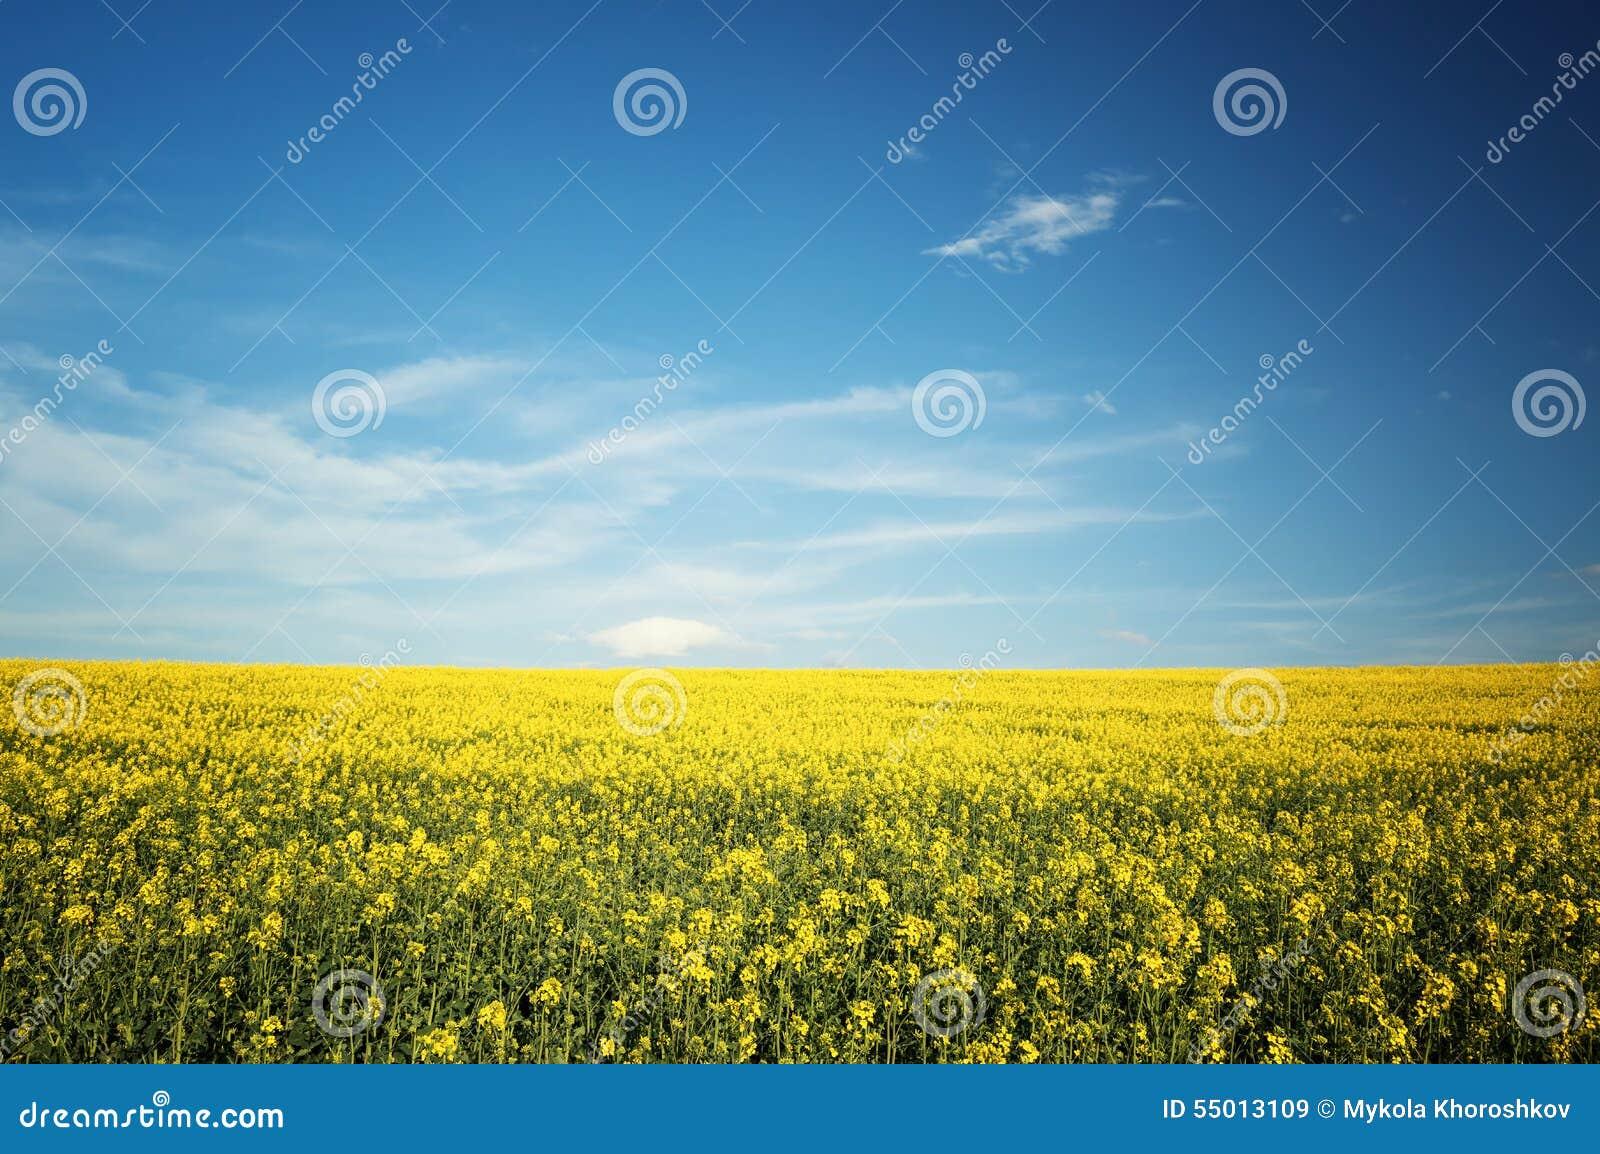 beautiful yellow field landscape -#main